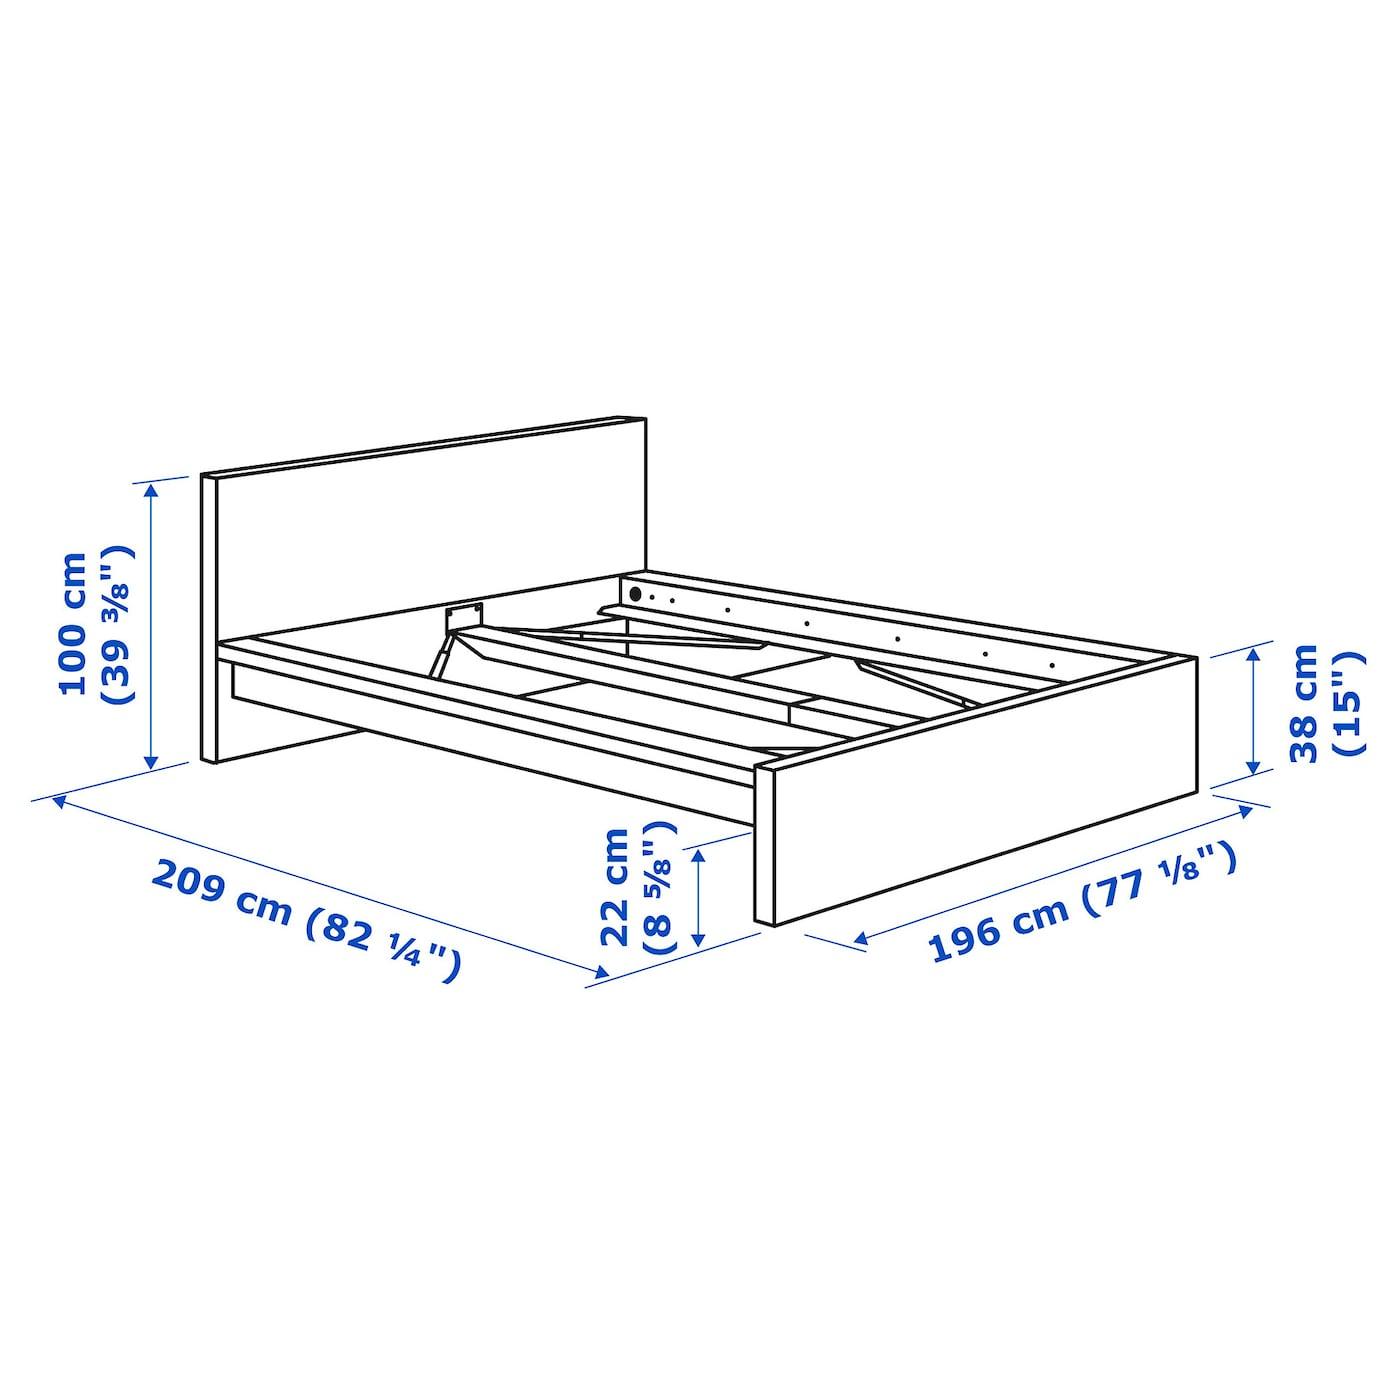 Full Size of Lattenrost Klappbar Ikea Malm Bettgestell Hoch Wei Deutschland Bett 120x200 Mit Matratze Und Modulküche 160x200 Betten 140x200 90x200 Bei Ausklappbares Wohnzimmer Lattenrost Klappbar Ikea